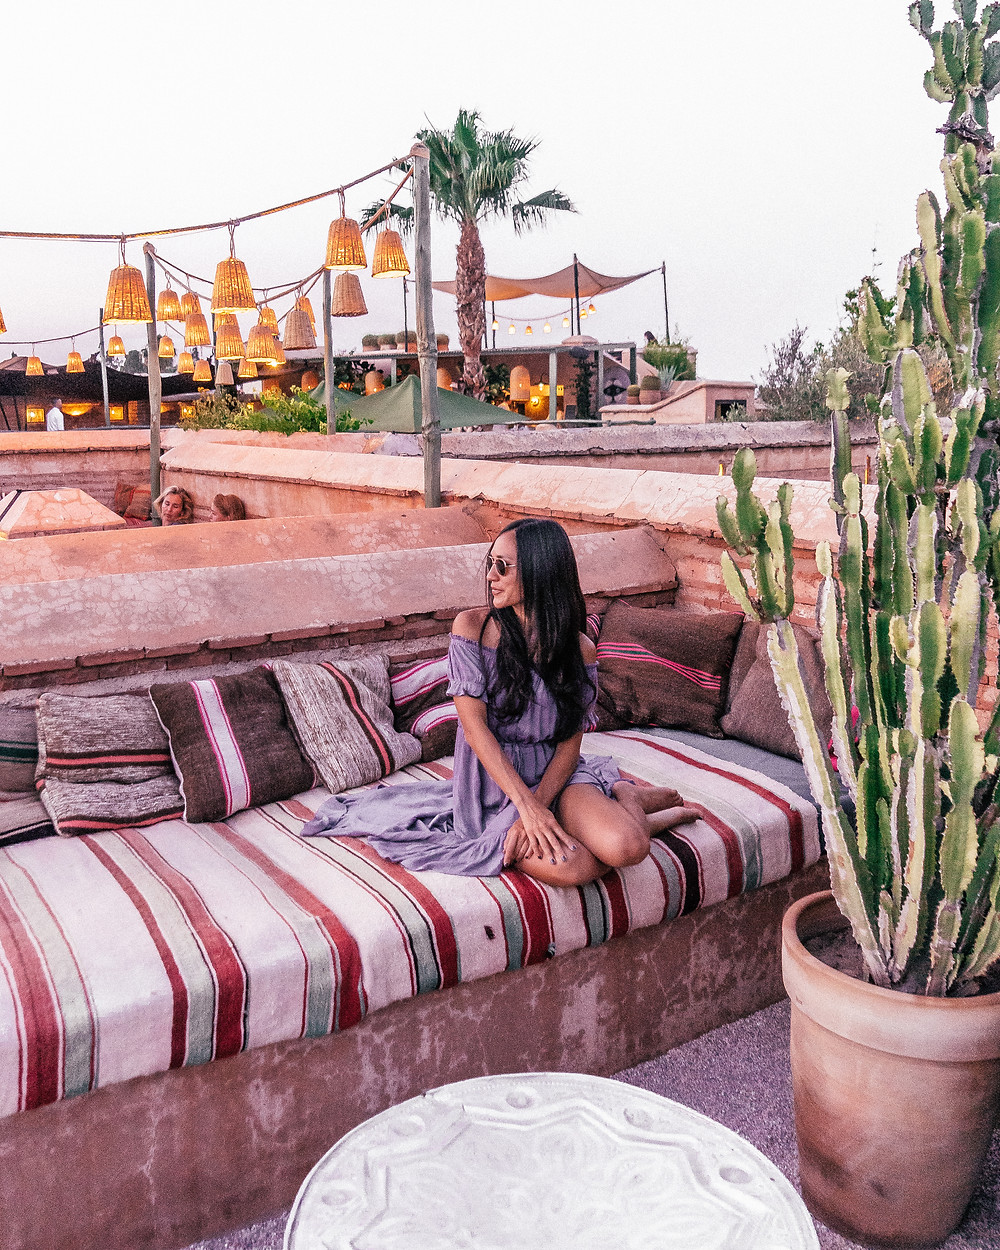 El Fenn, Marrakech, Morocco